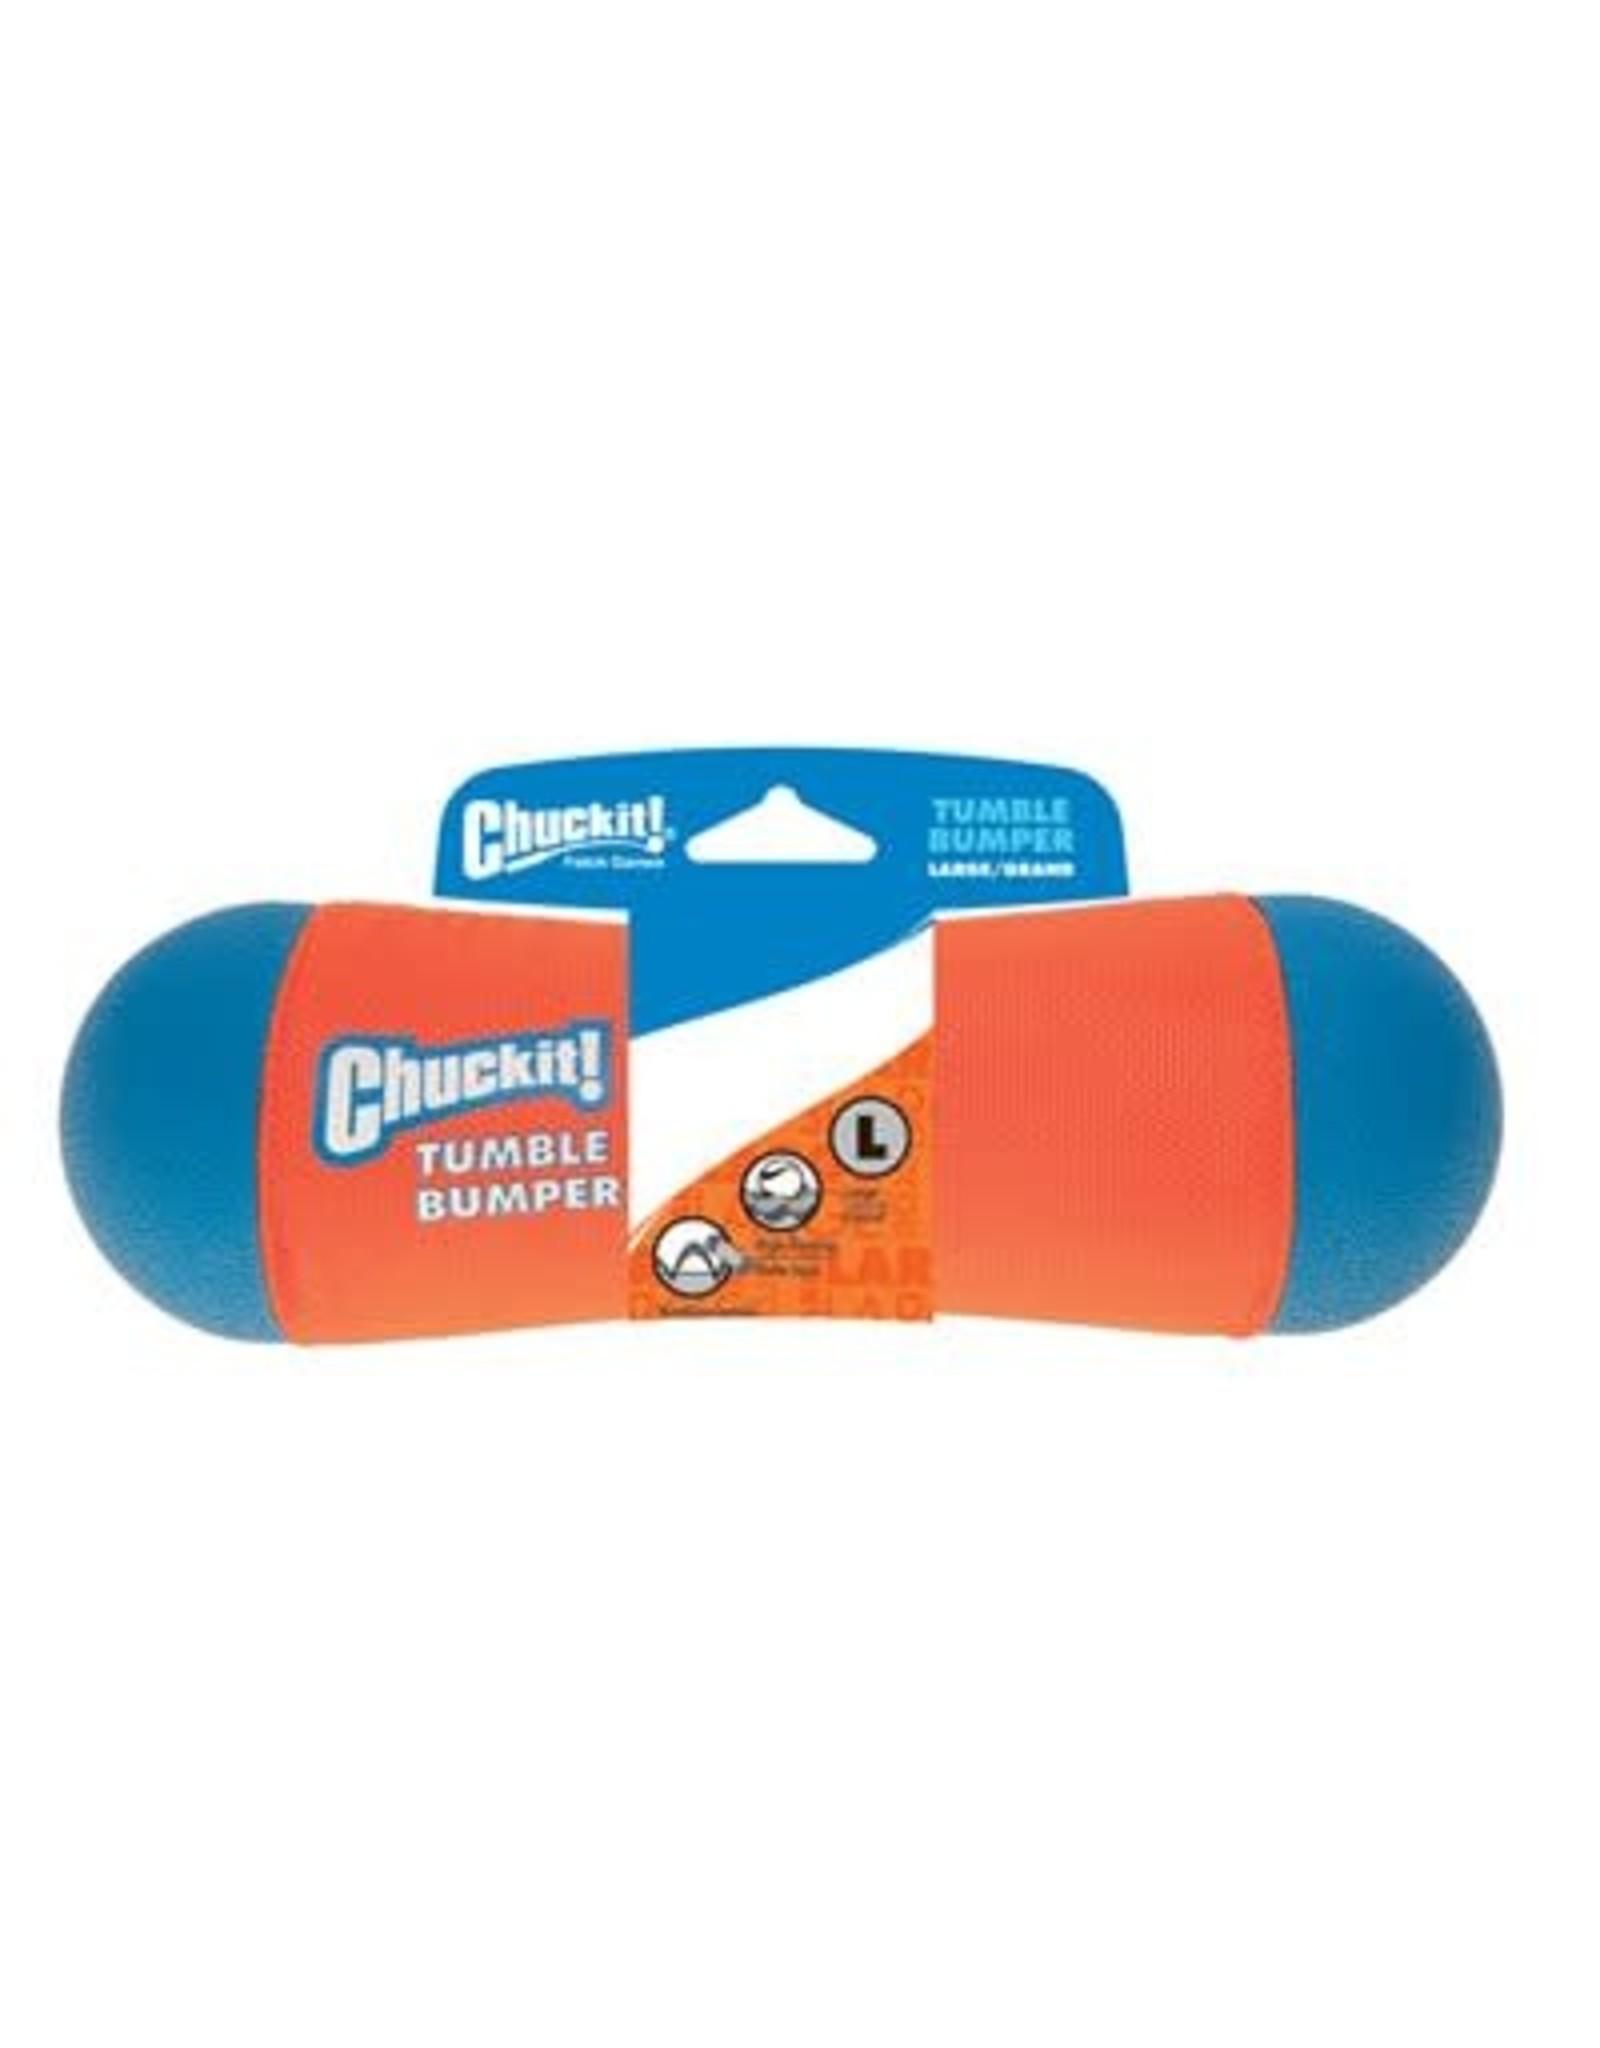 Chuck-It Chuck-It Tumble Bumper L